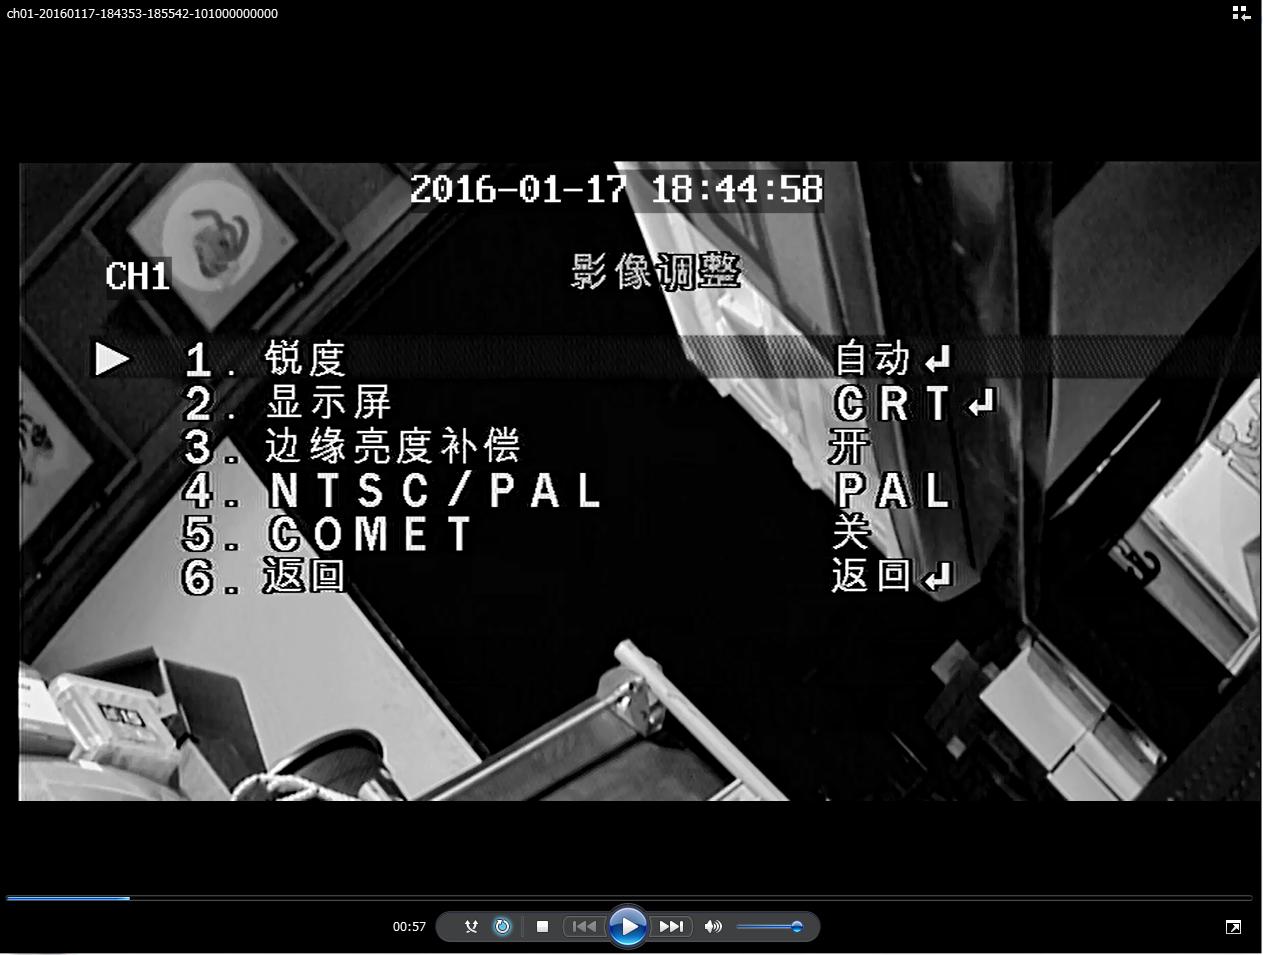 ir-china-160117-kguarddvr.png